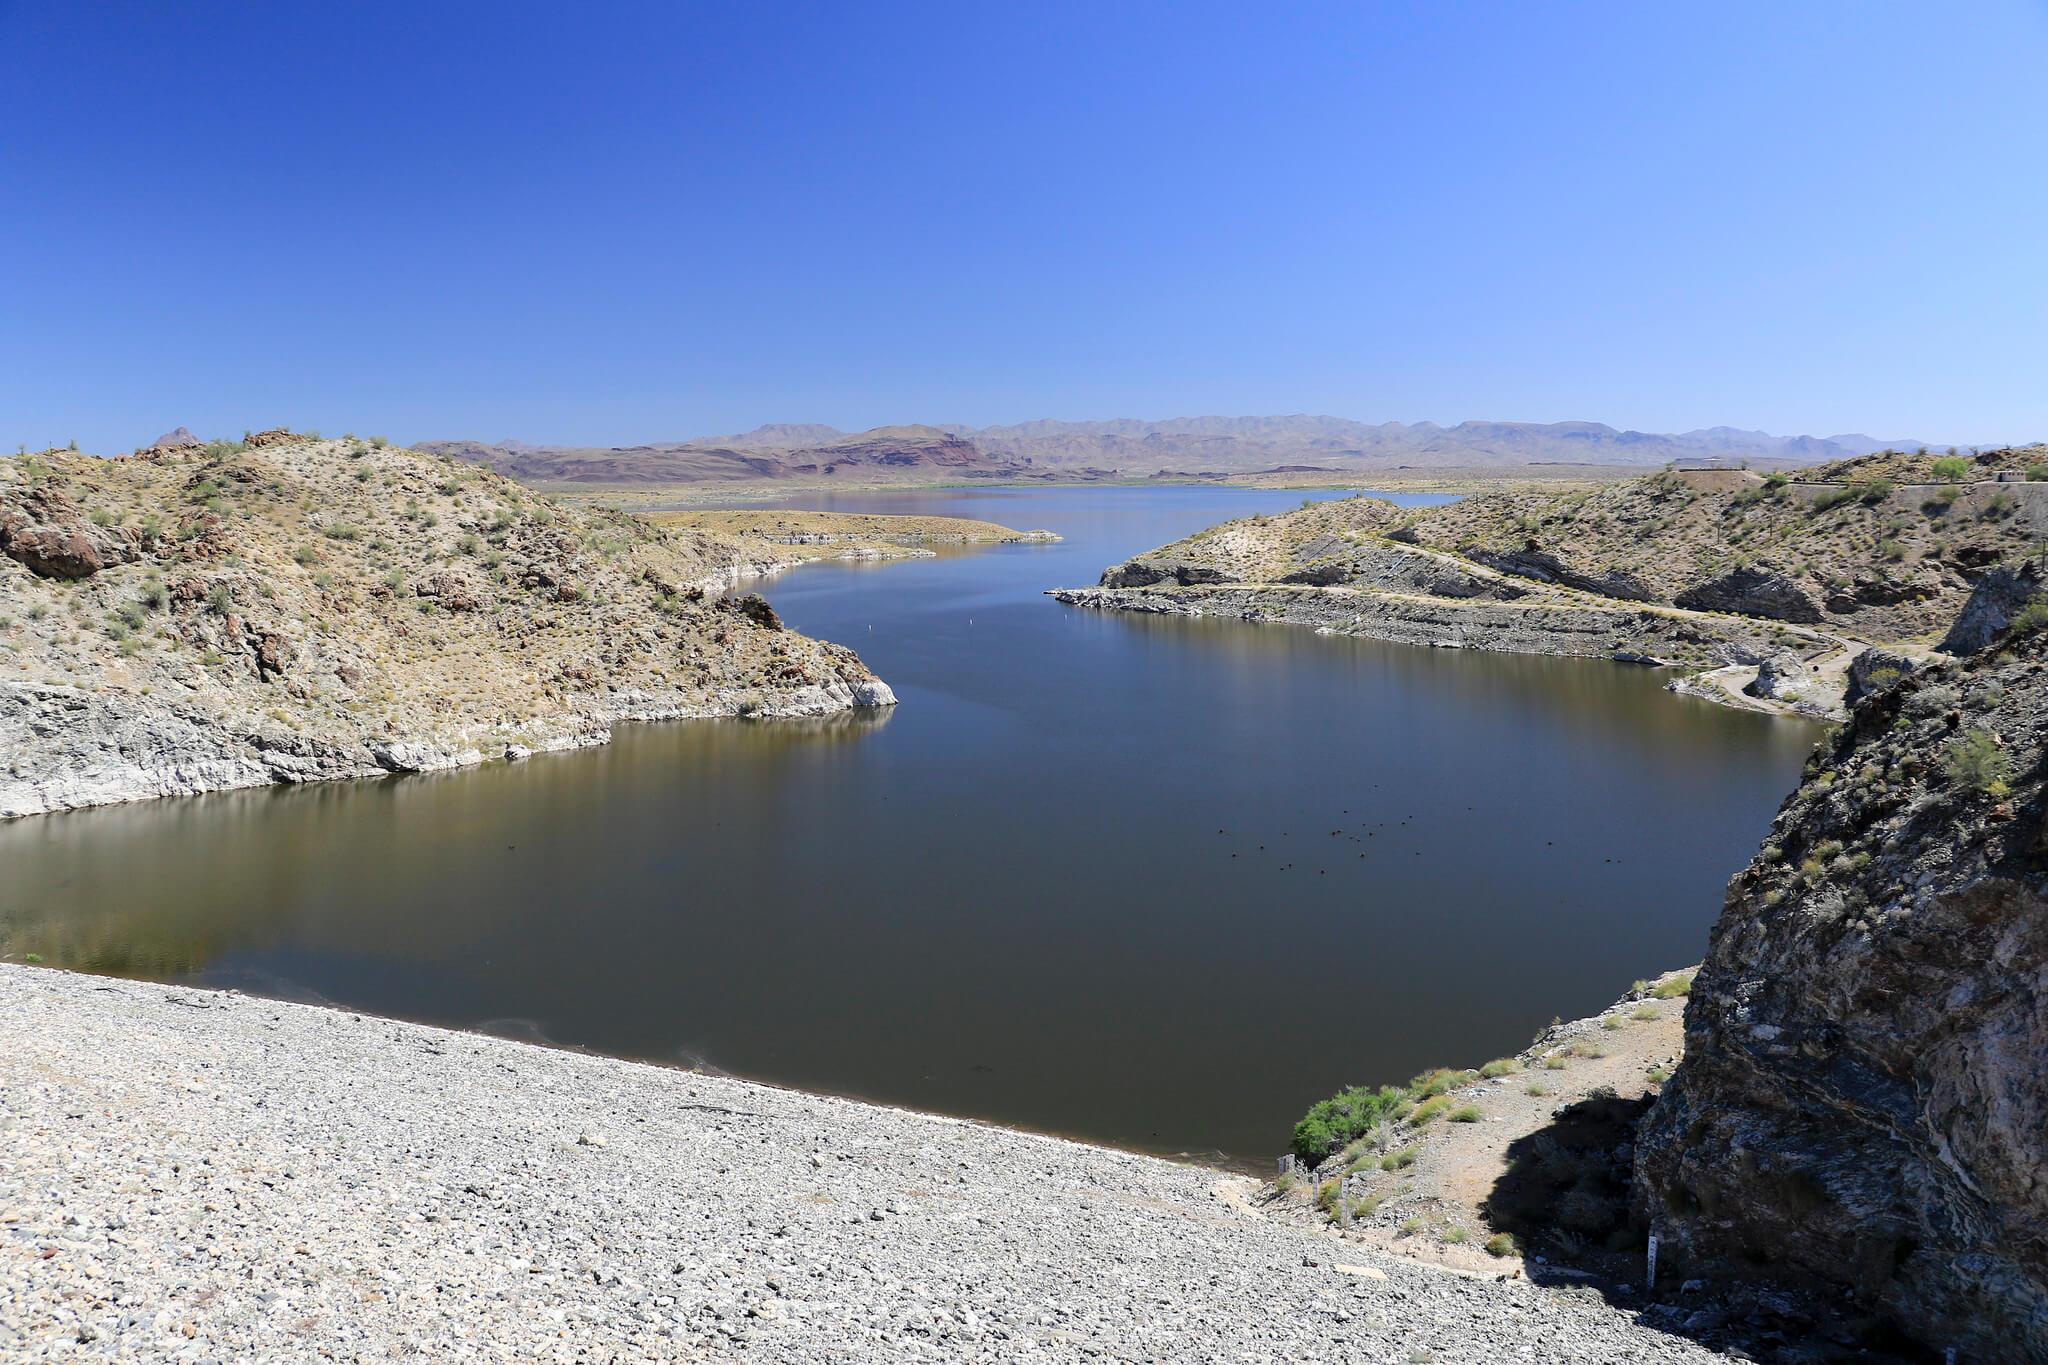 Alamo lake in Arizona - great for fishing